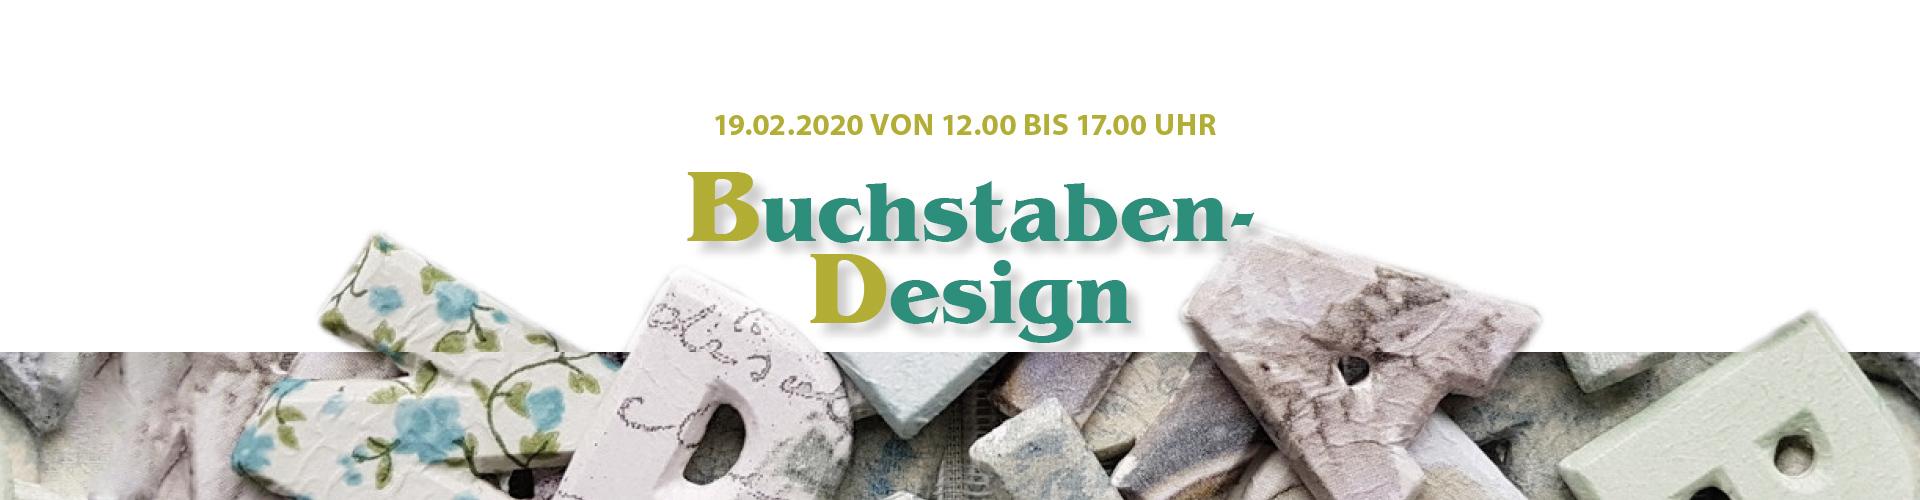 slider buchstaben-design 2020